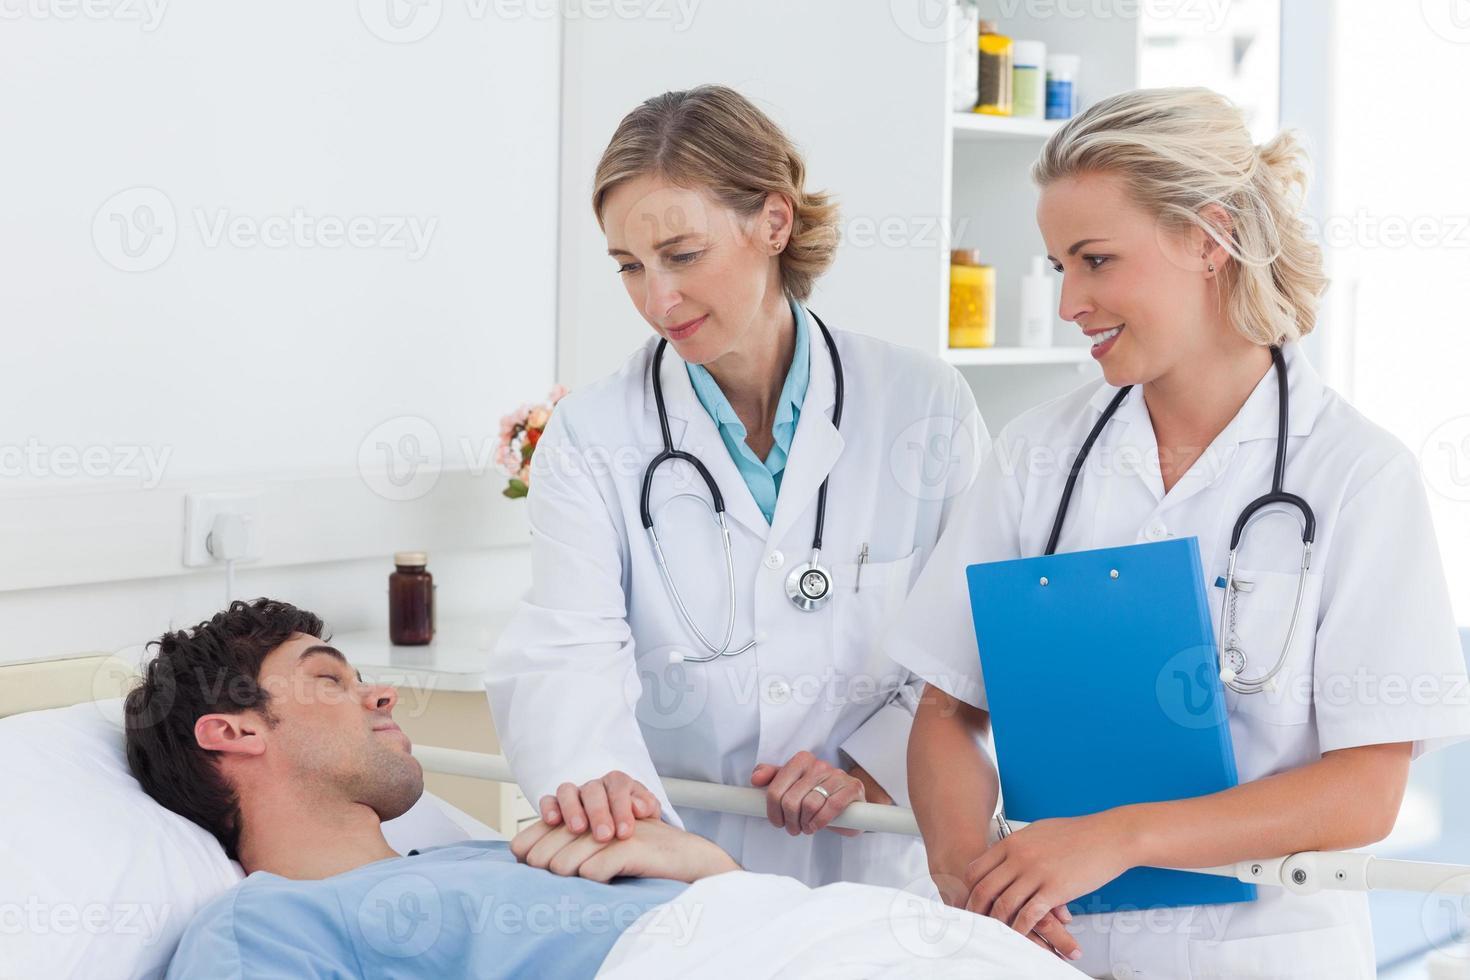 deux femmes médecins prenant soin d'un patient photo